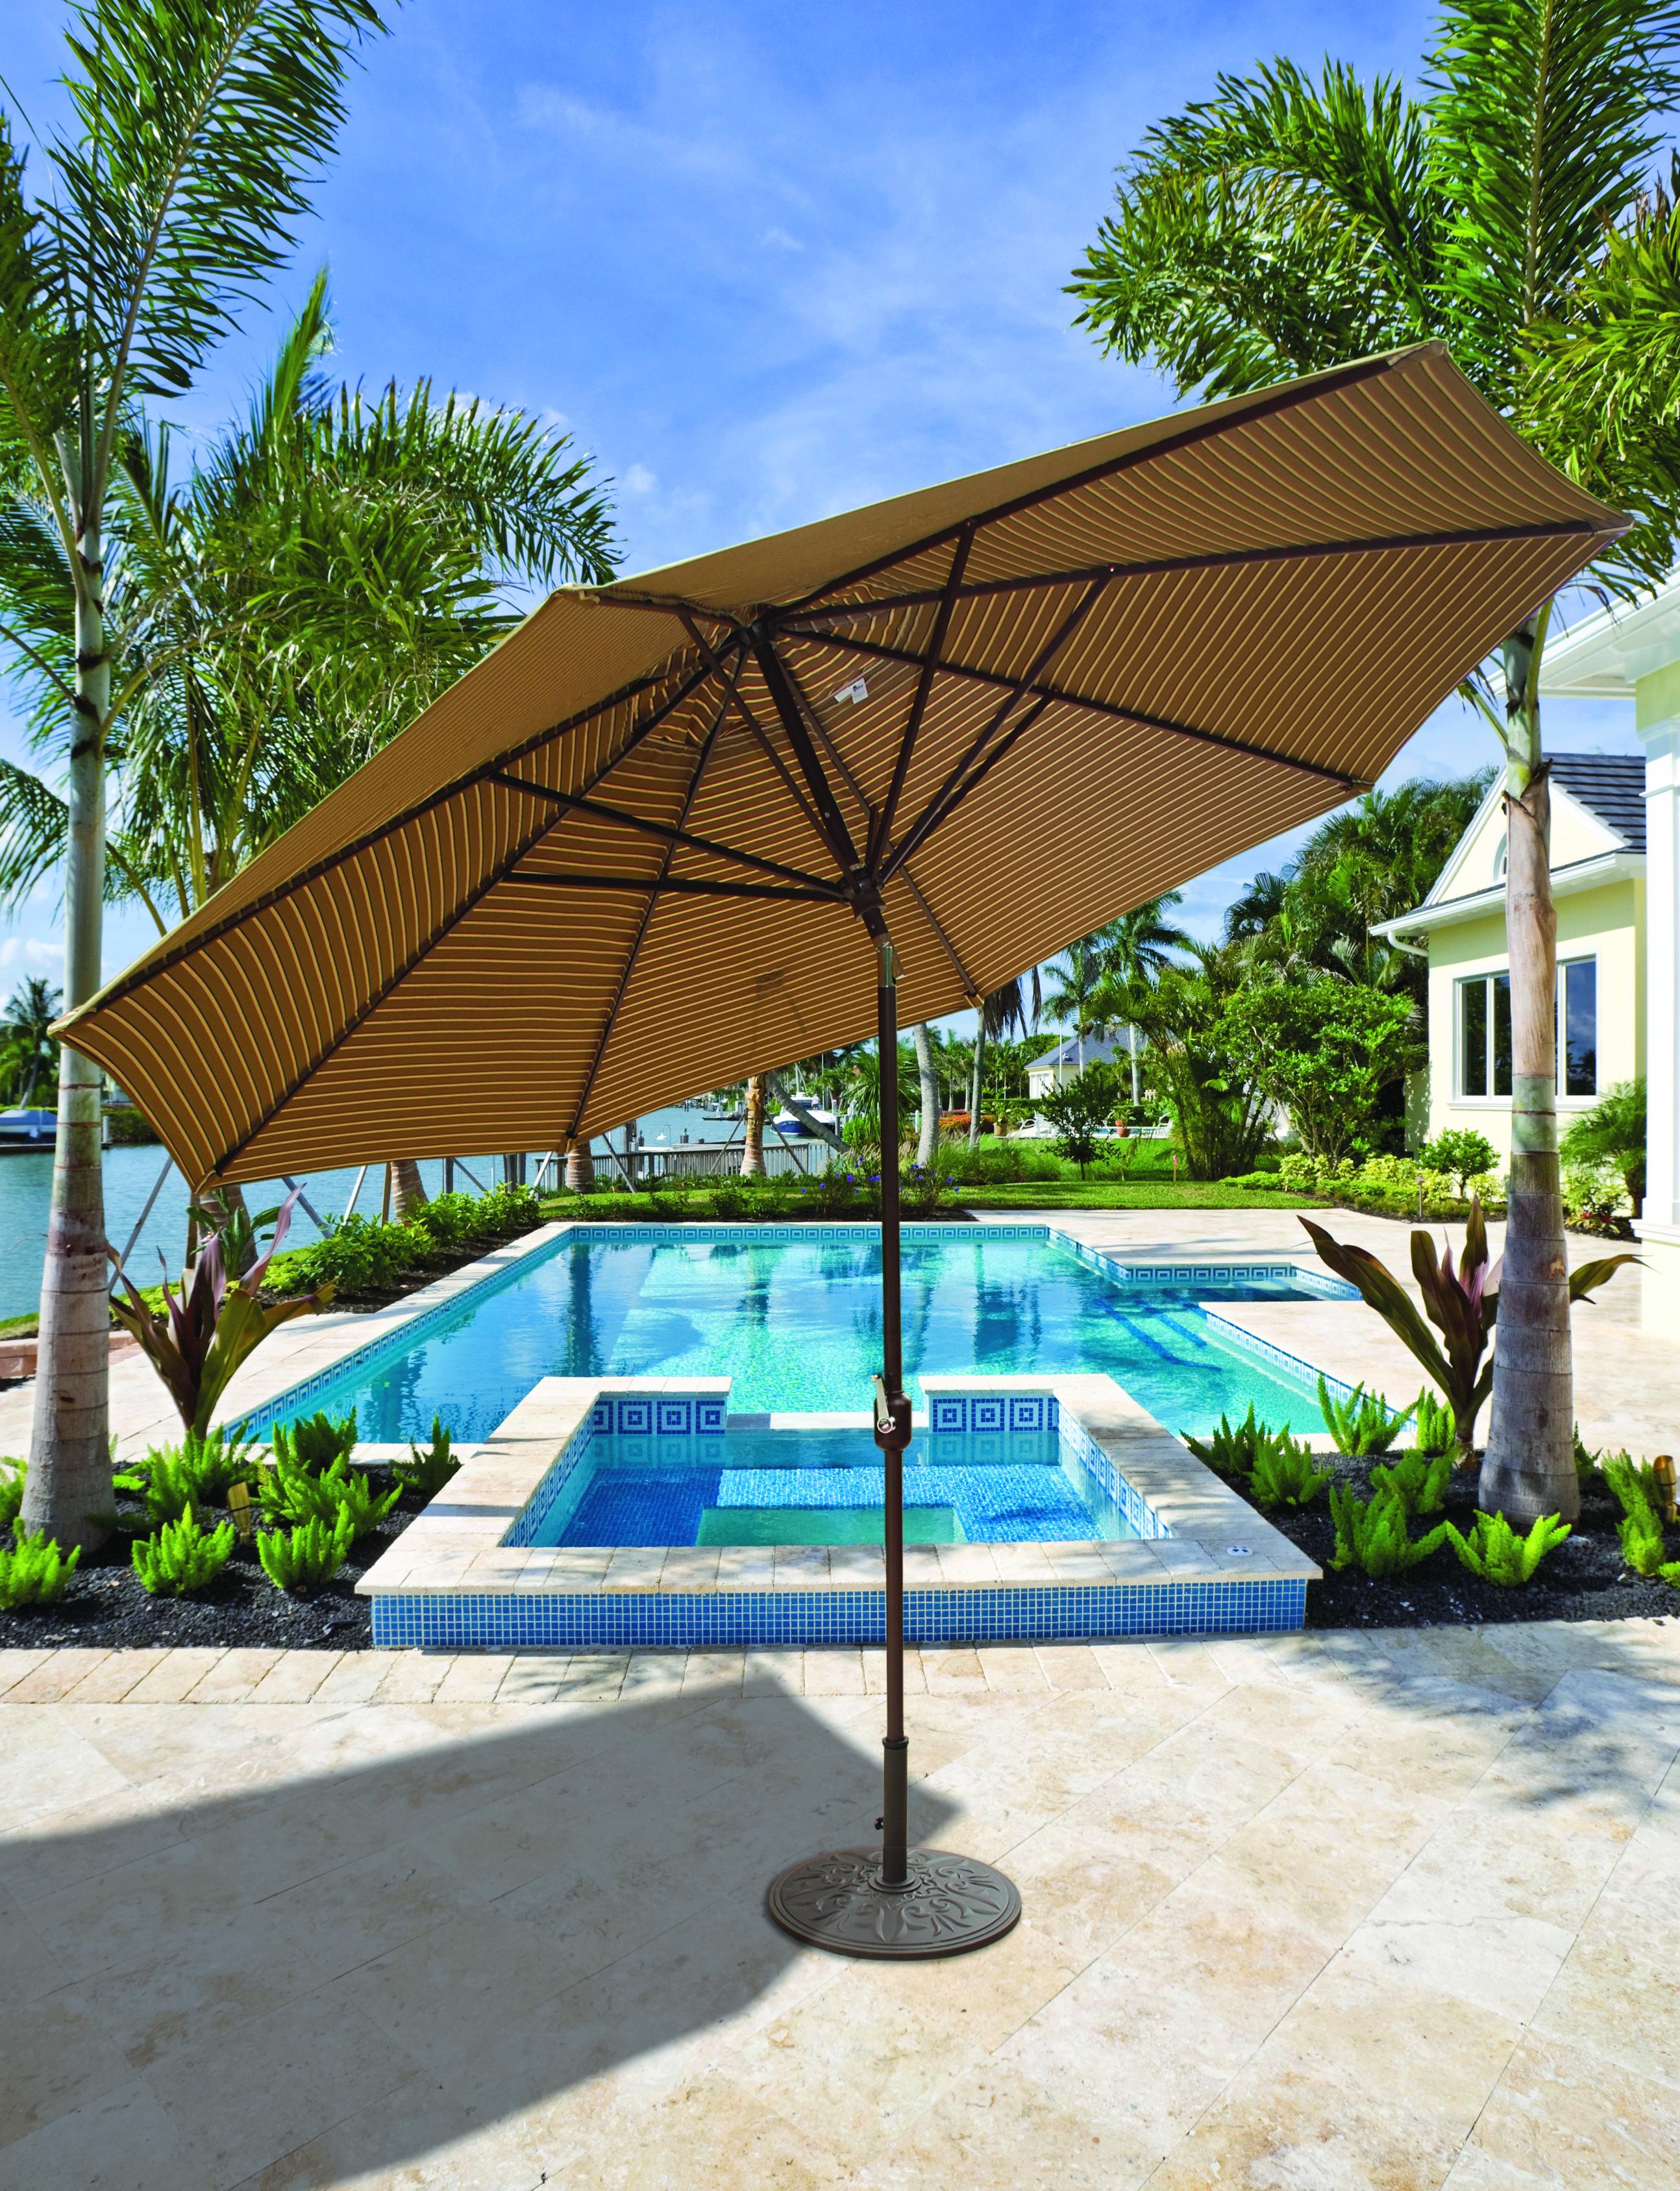 Galtech and Treasure Garden Umbrellas